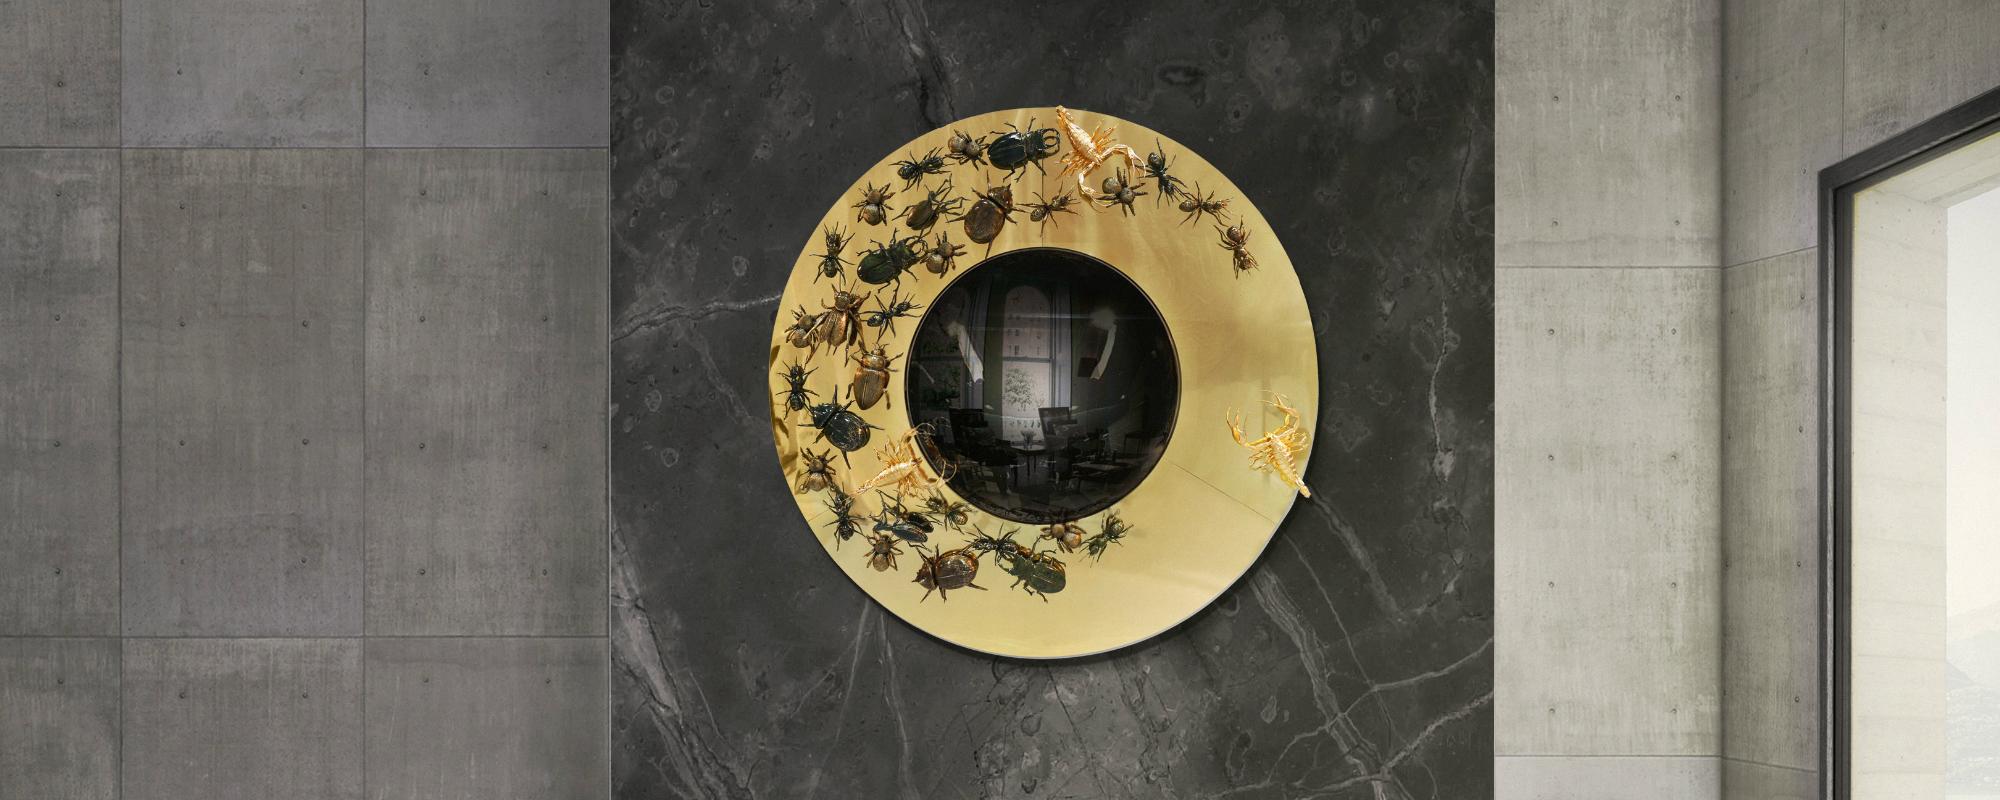 dicas de decoración Dicas de Decoración: 12 Maneras Creativas de Cubrir Paredes Vacias metamorphosis mirror hr 01